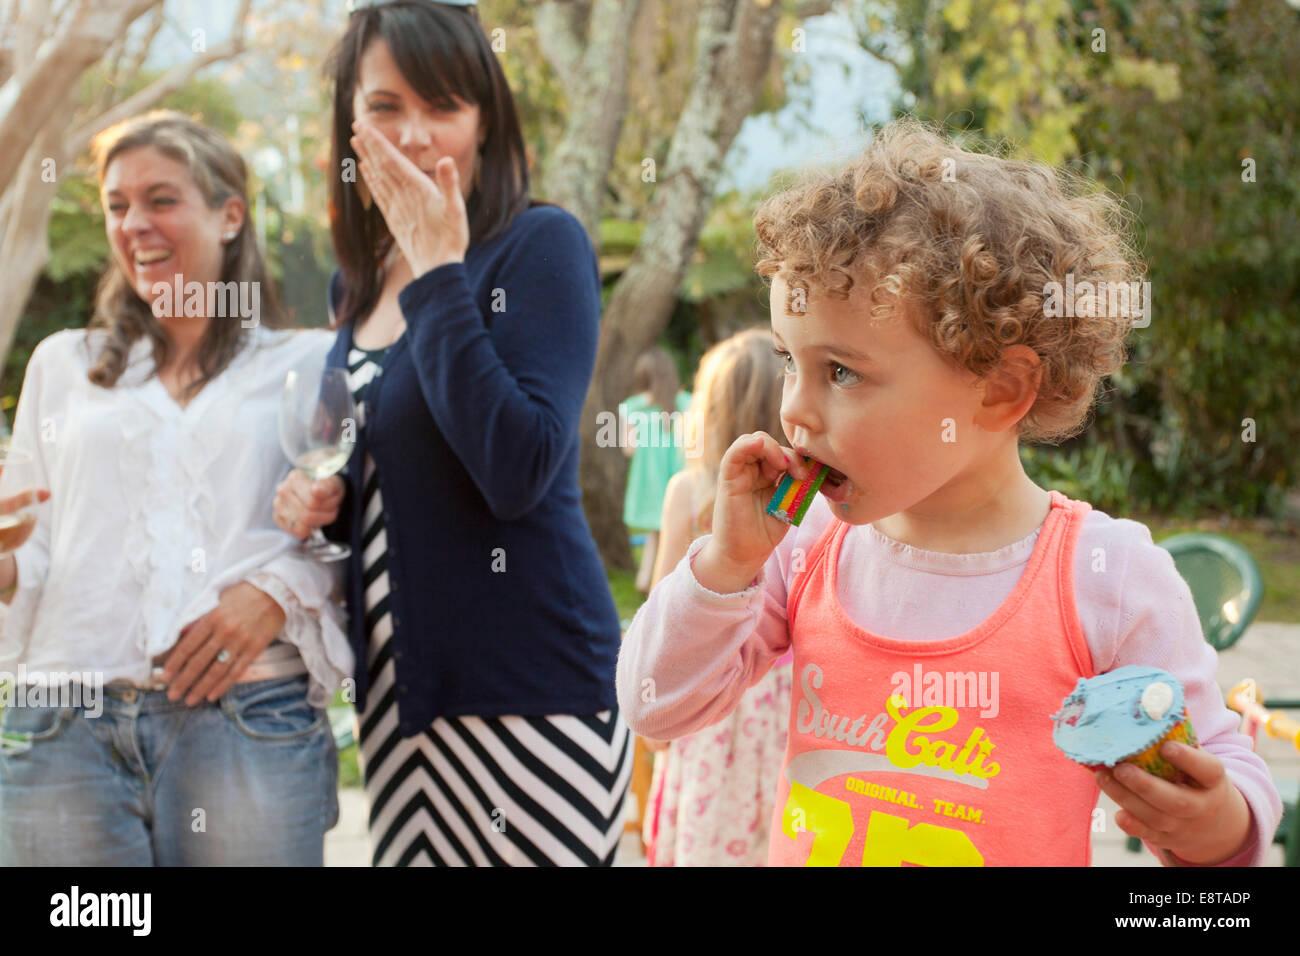 Muchacha comiendo su torta de copa en una fiesta. Imagen De Stock